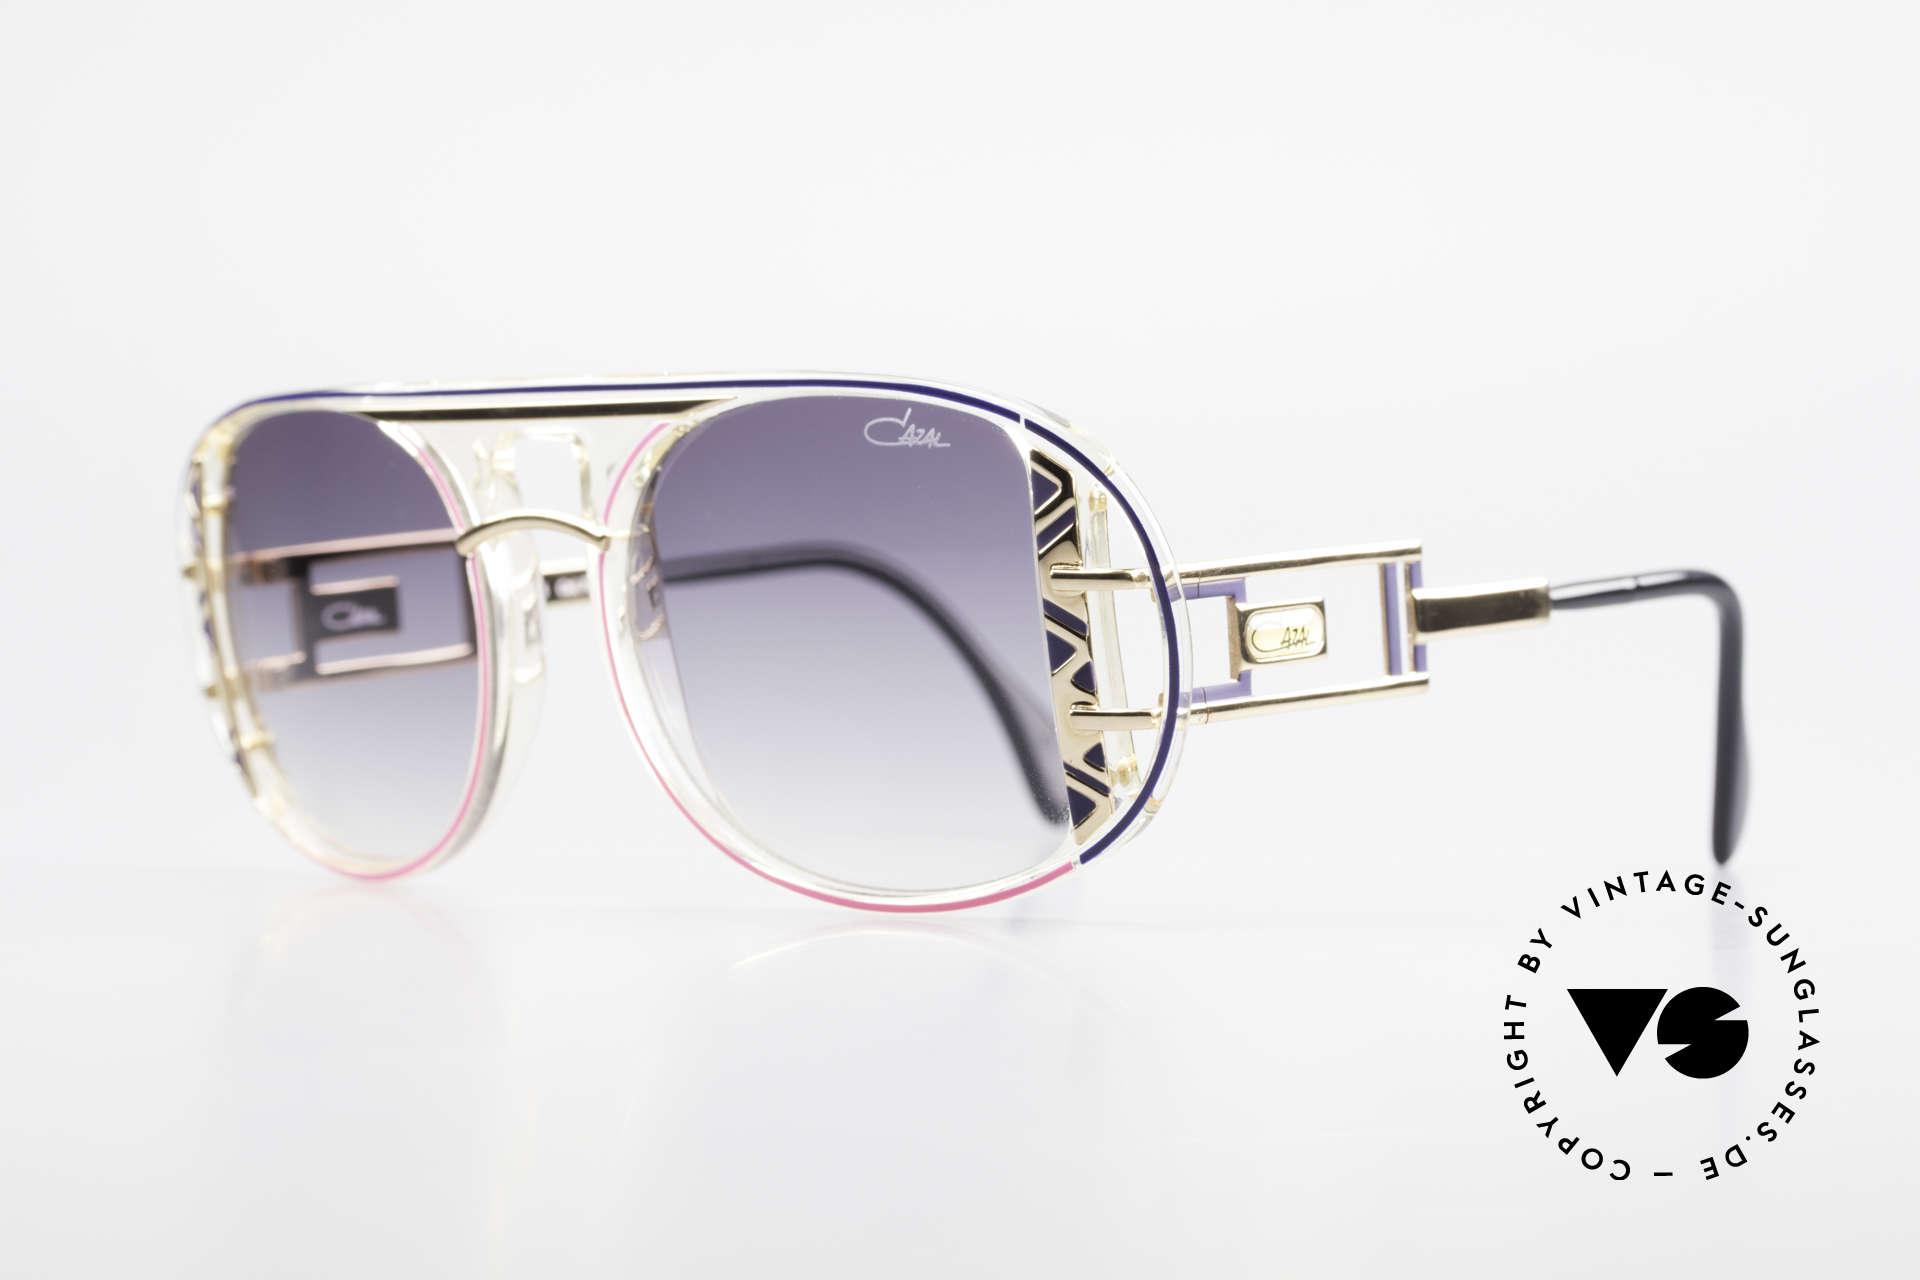 Cazal 875 Rare Designer Sonnenbrille, einzigartige Fassung in aufwendiger Farbgestaltung, Passend für Herren und Damen